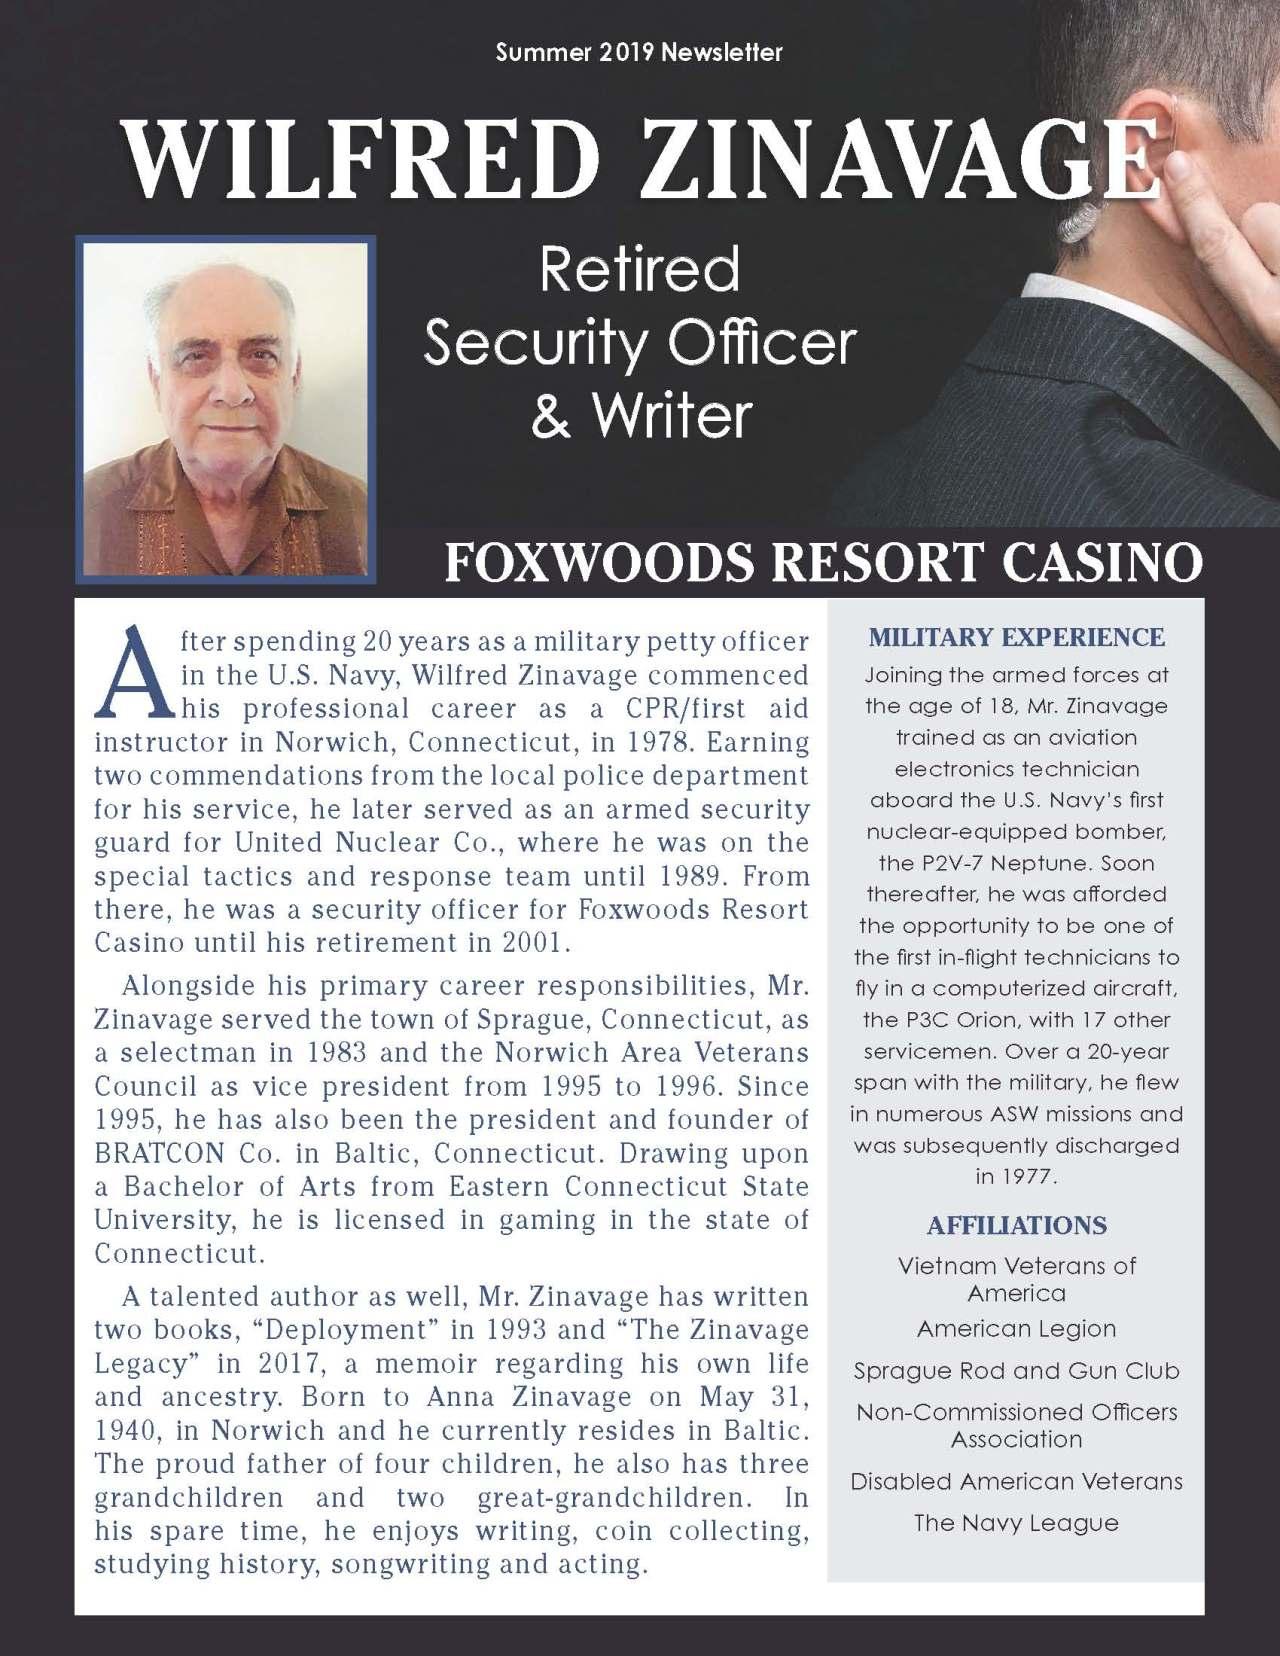 Zinavage, Wilfred 4380954_27115493 Newsletter REVISED.jpg